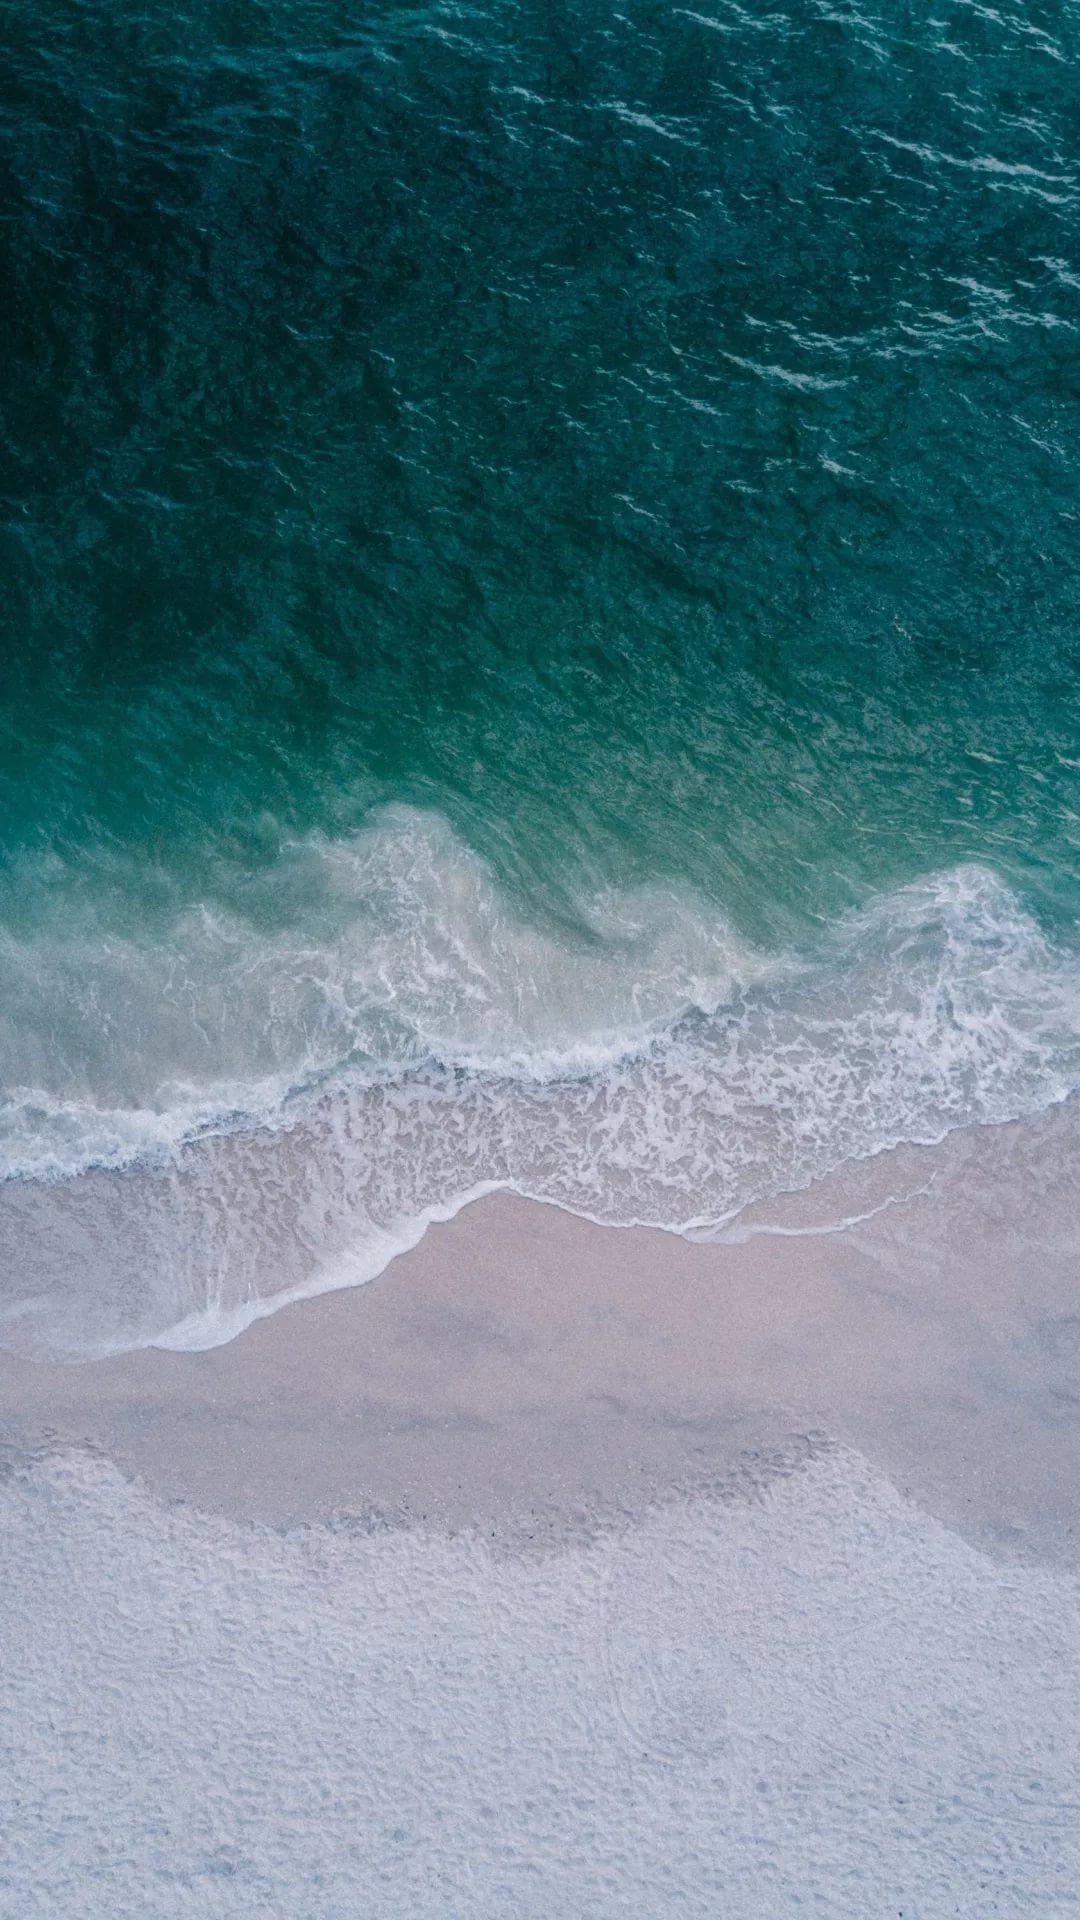 Beach iPhone hd wallpaper